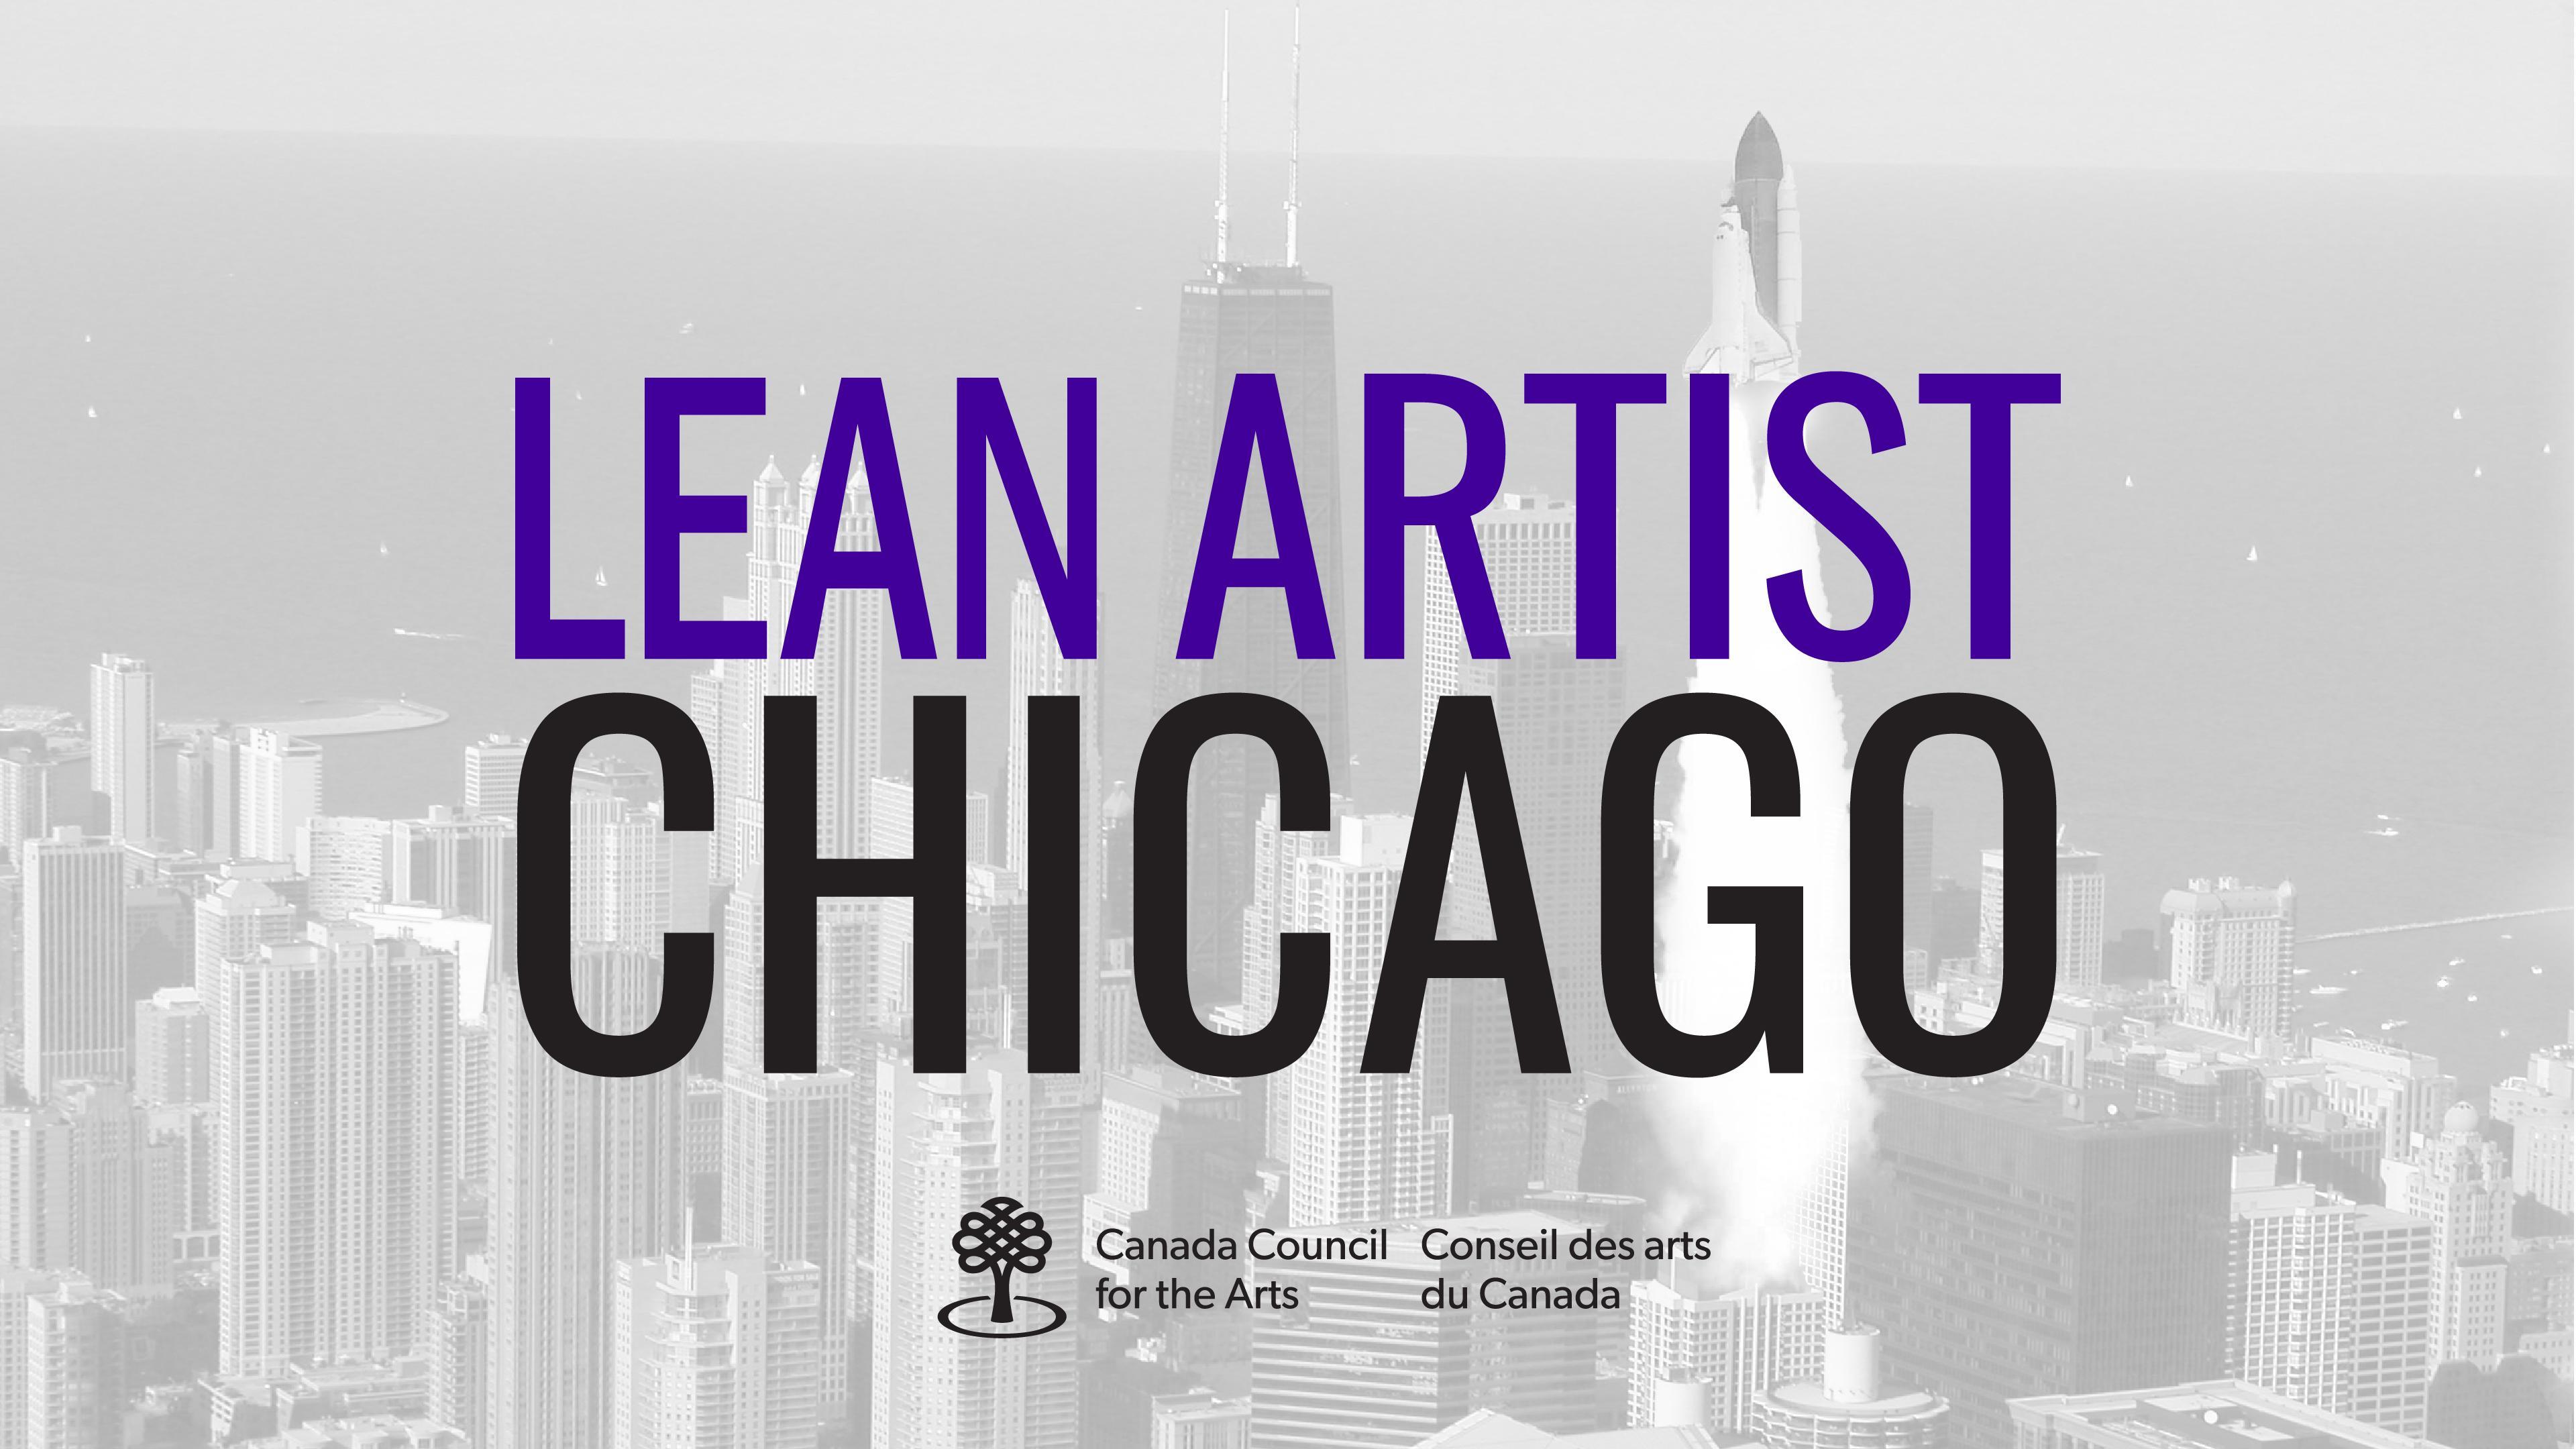 Learn Artist Chicago logo